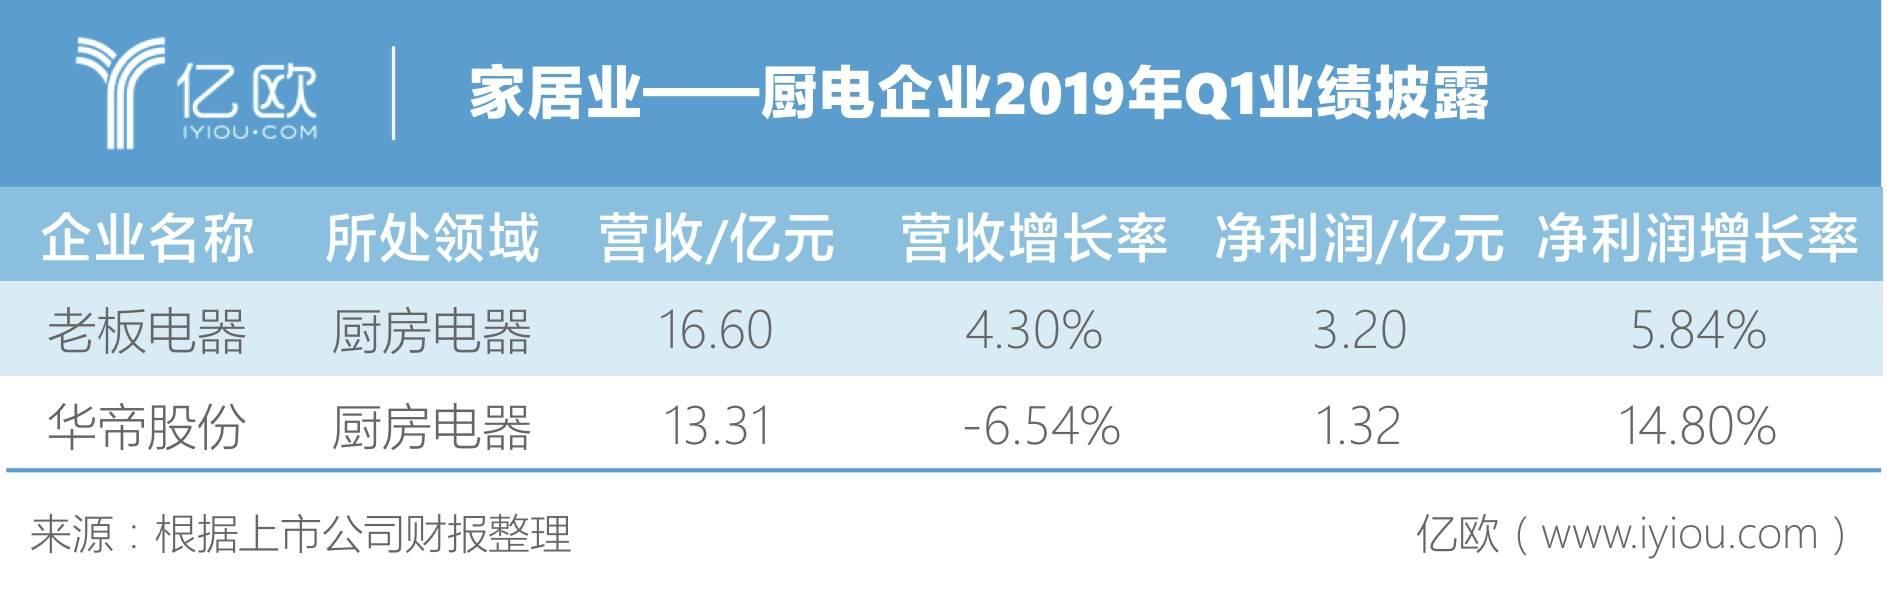 厨电企业2019年Q1业绩披露